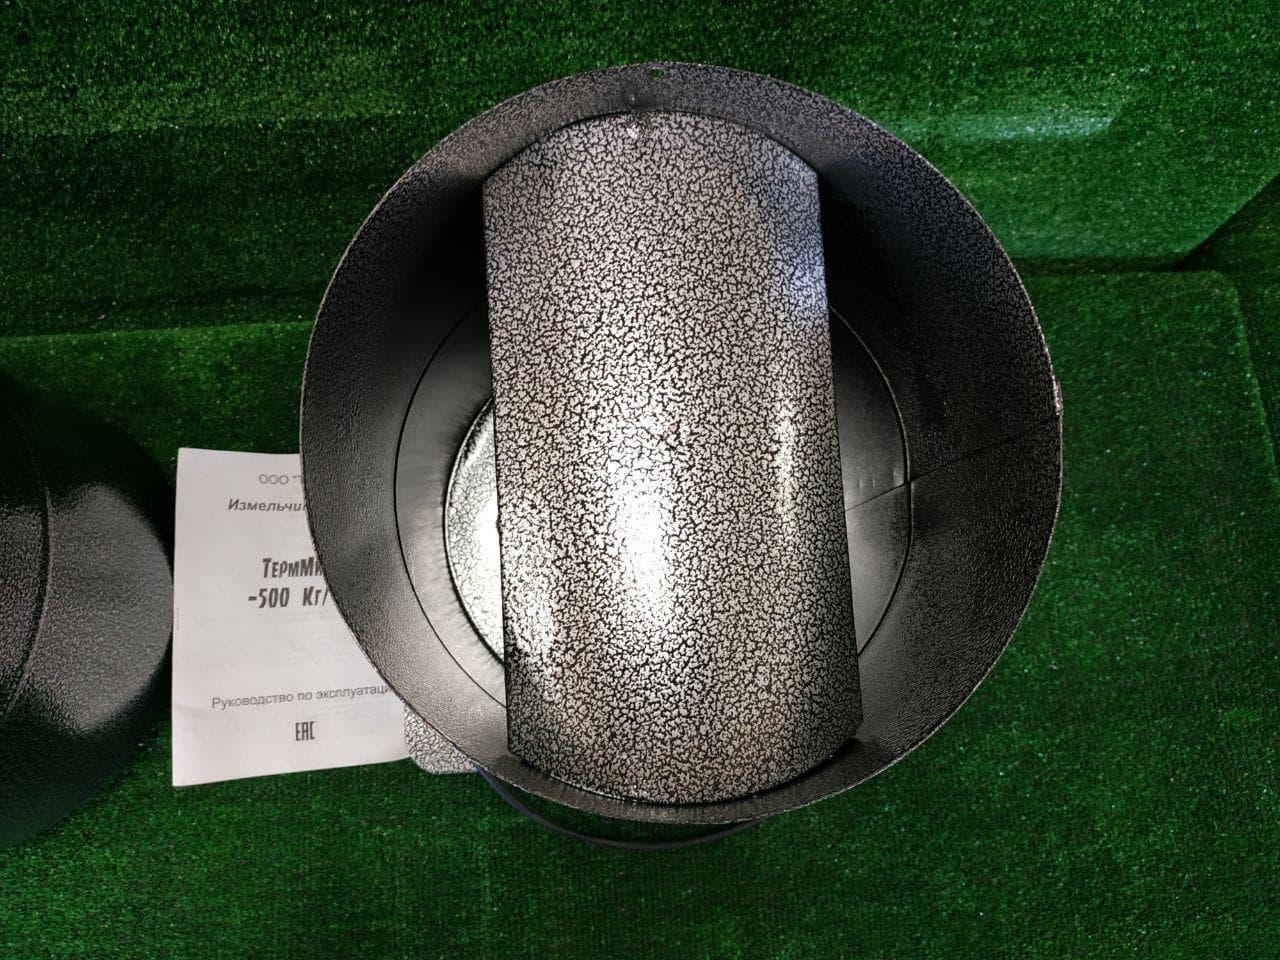 Зернодробилка с двумя засыпными отв. круглая,до 500кг/ч, 1300 Вт. ТермМикс - фото 8831